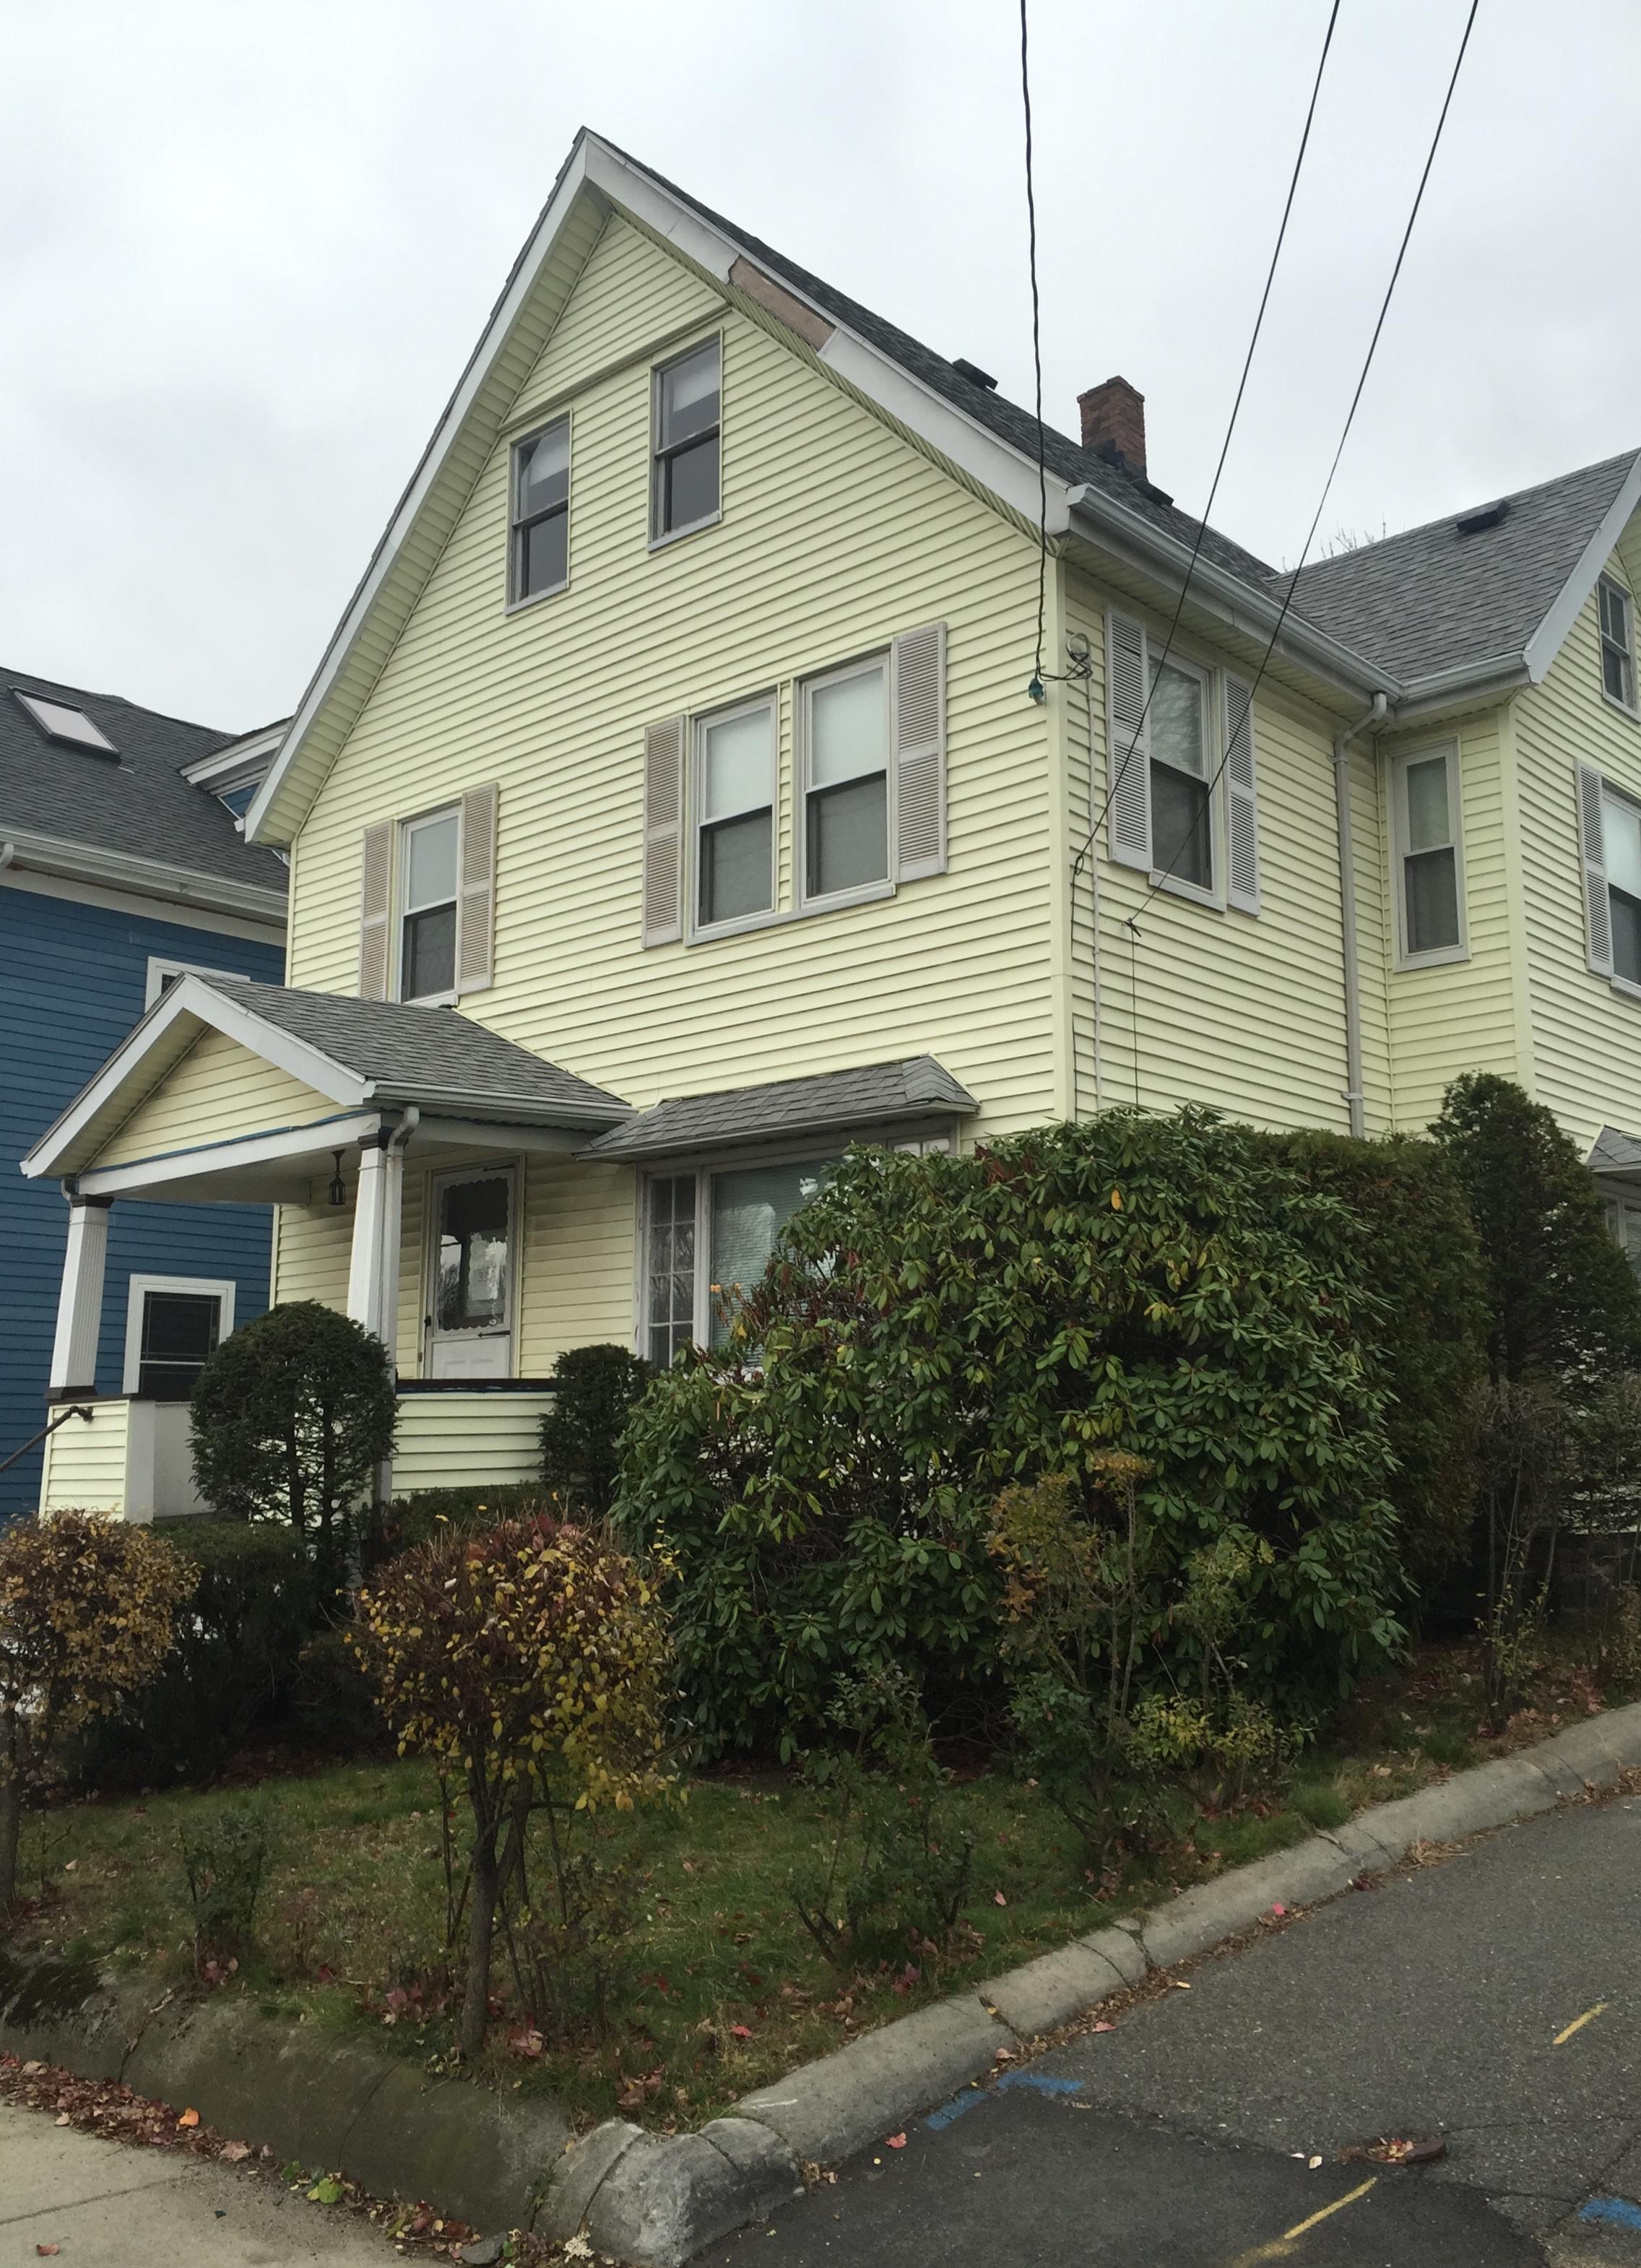 33 Winthrop Street, Malden, Massachusetts 02148